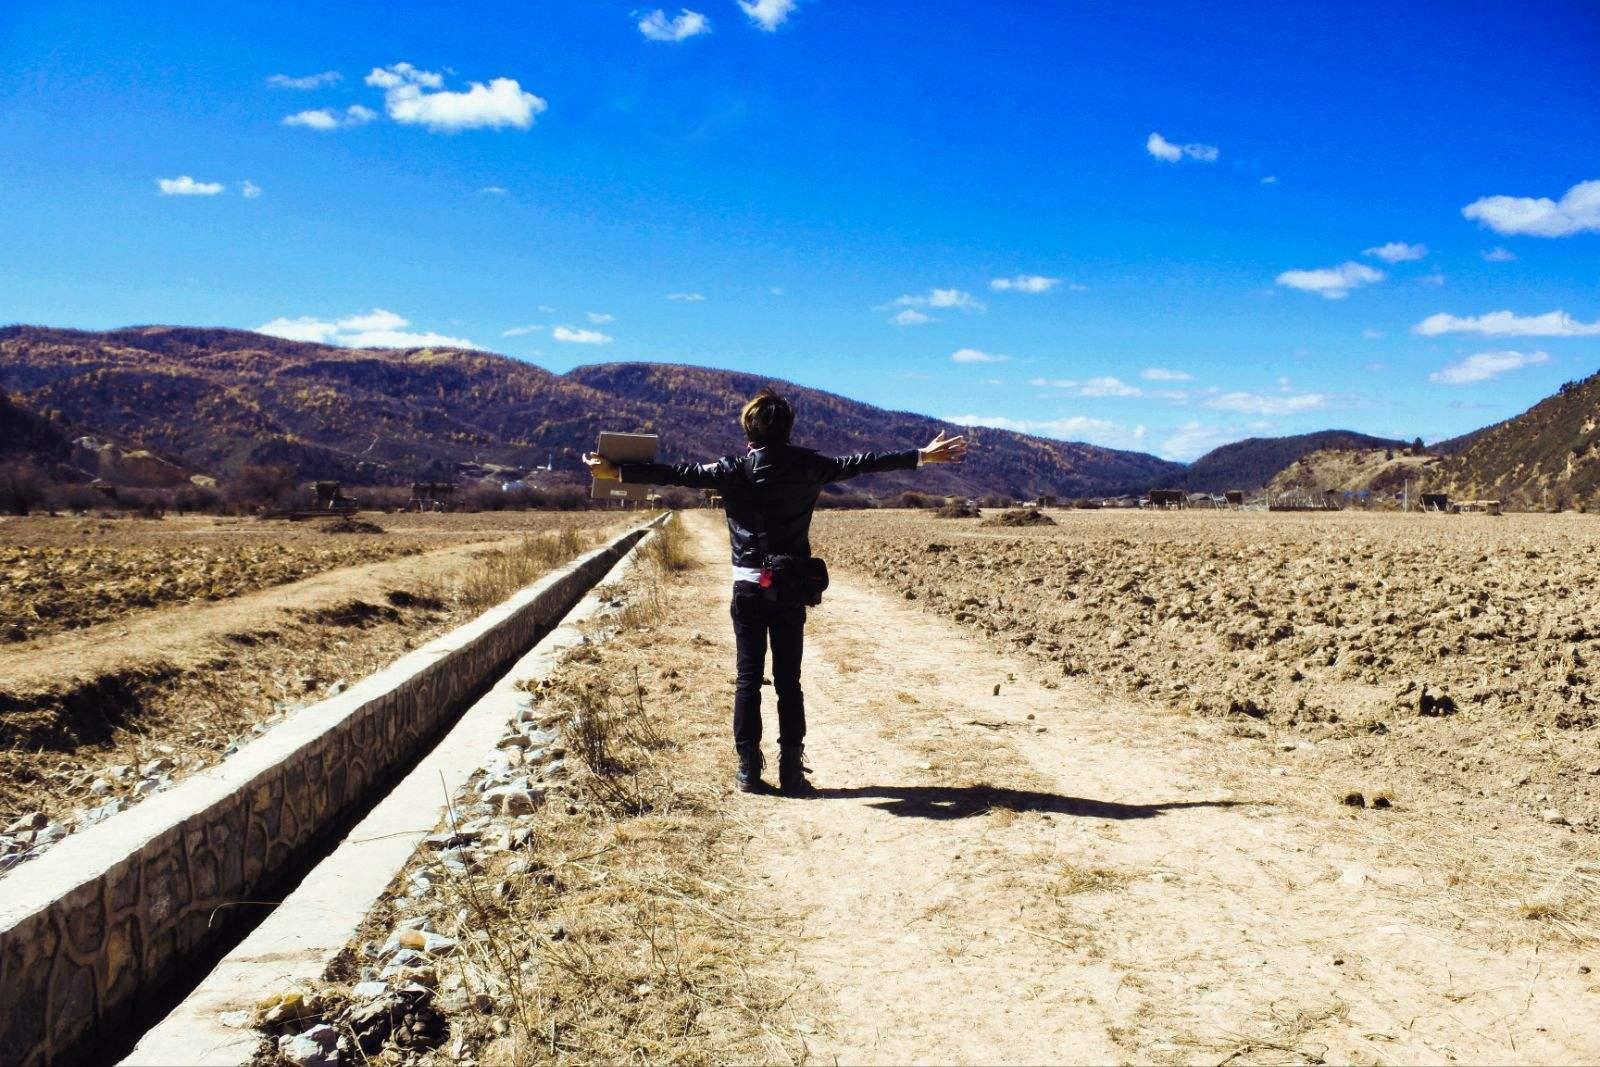 人生哲理美文欣赏:行走在路上